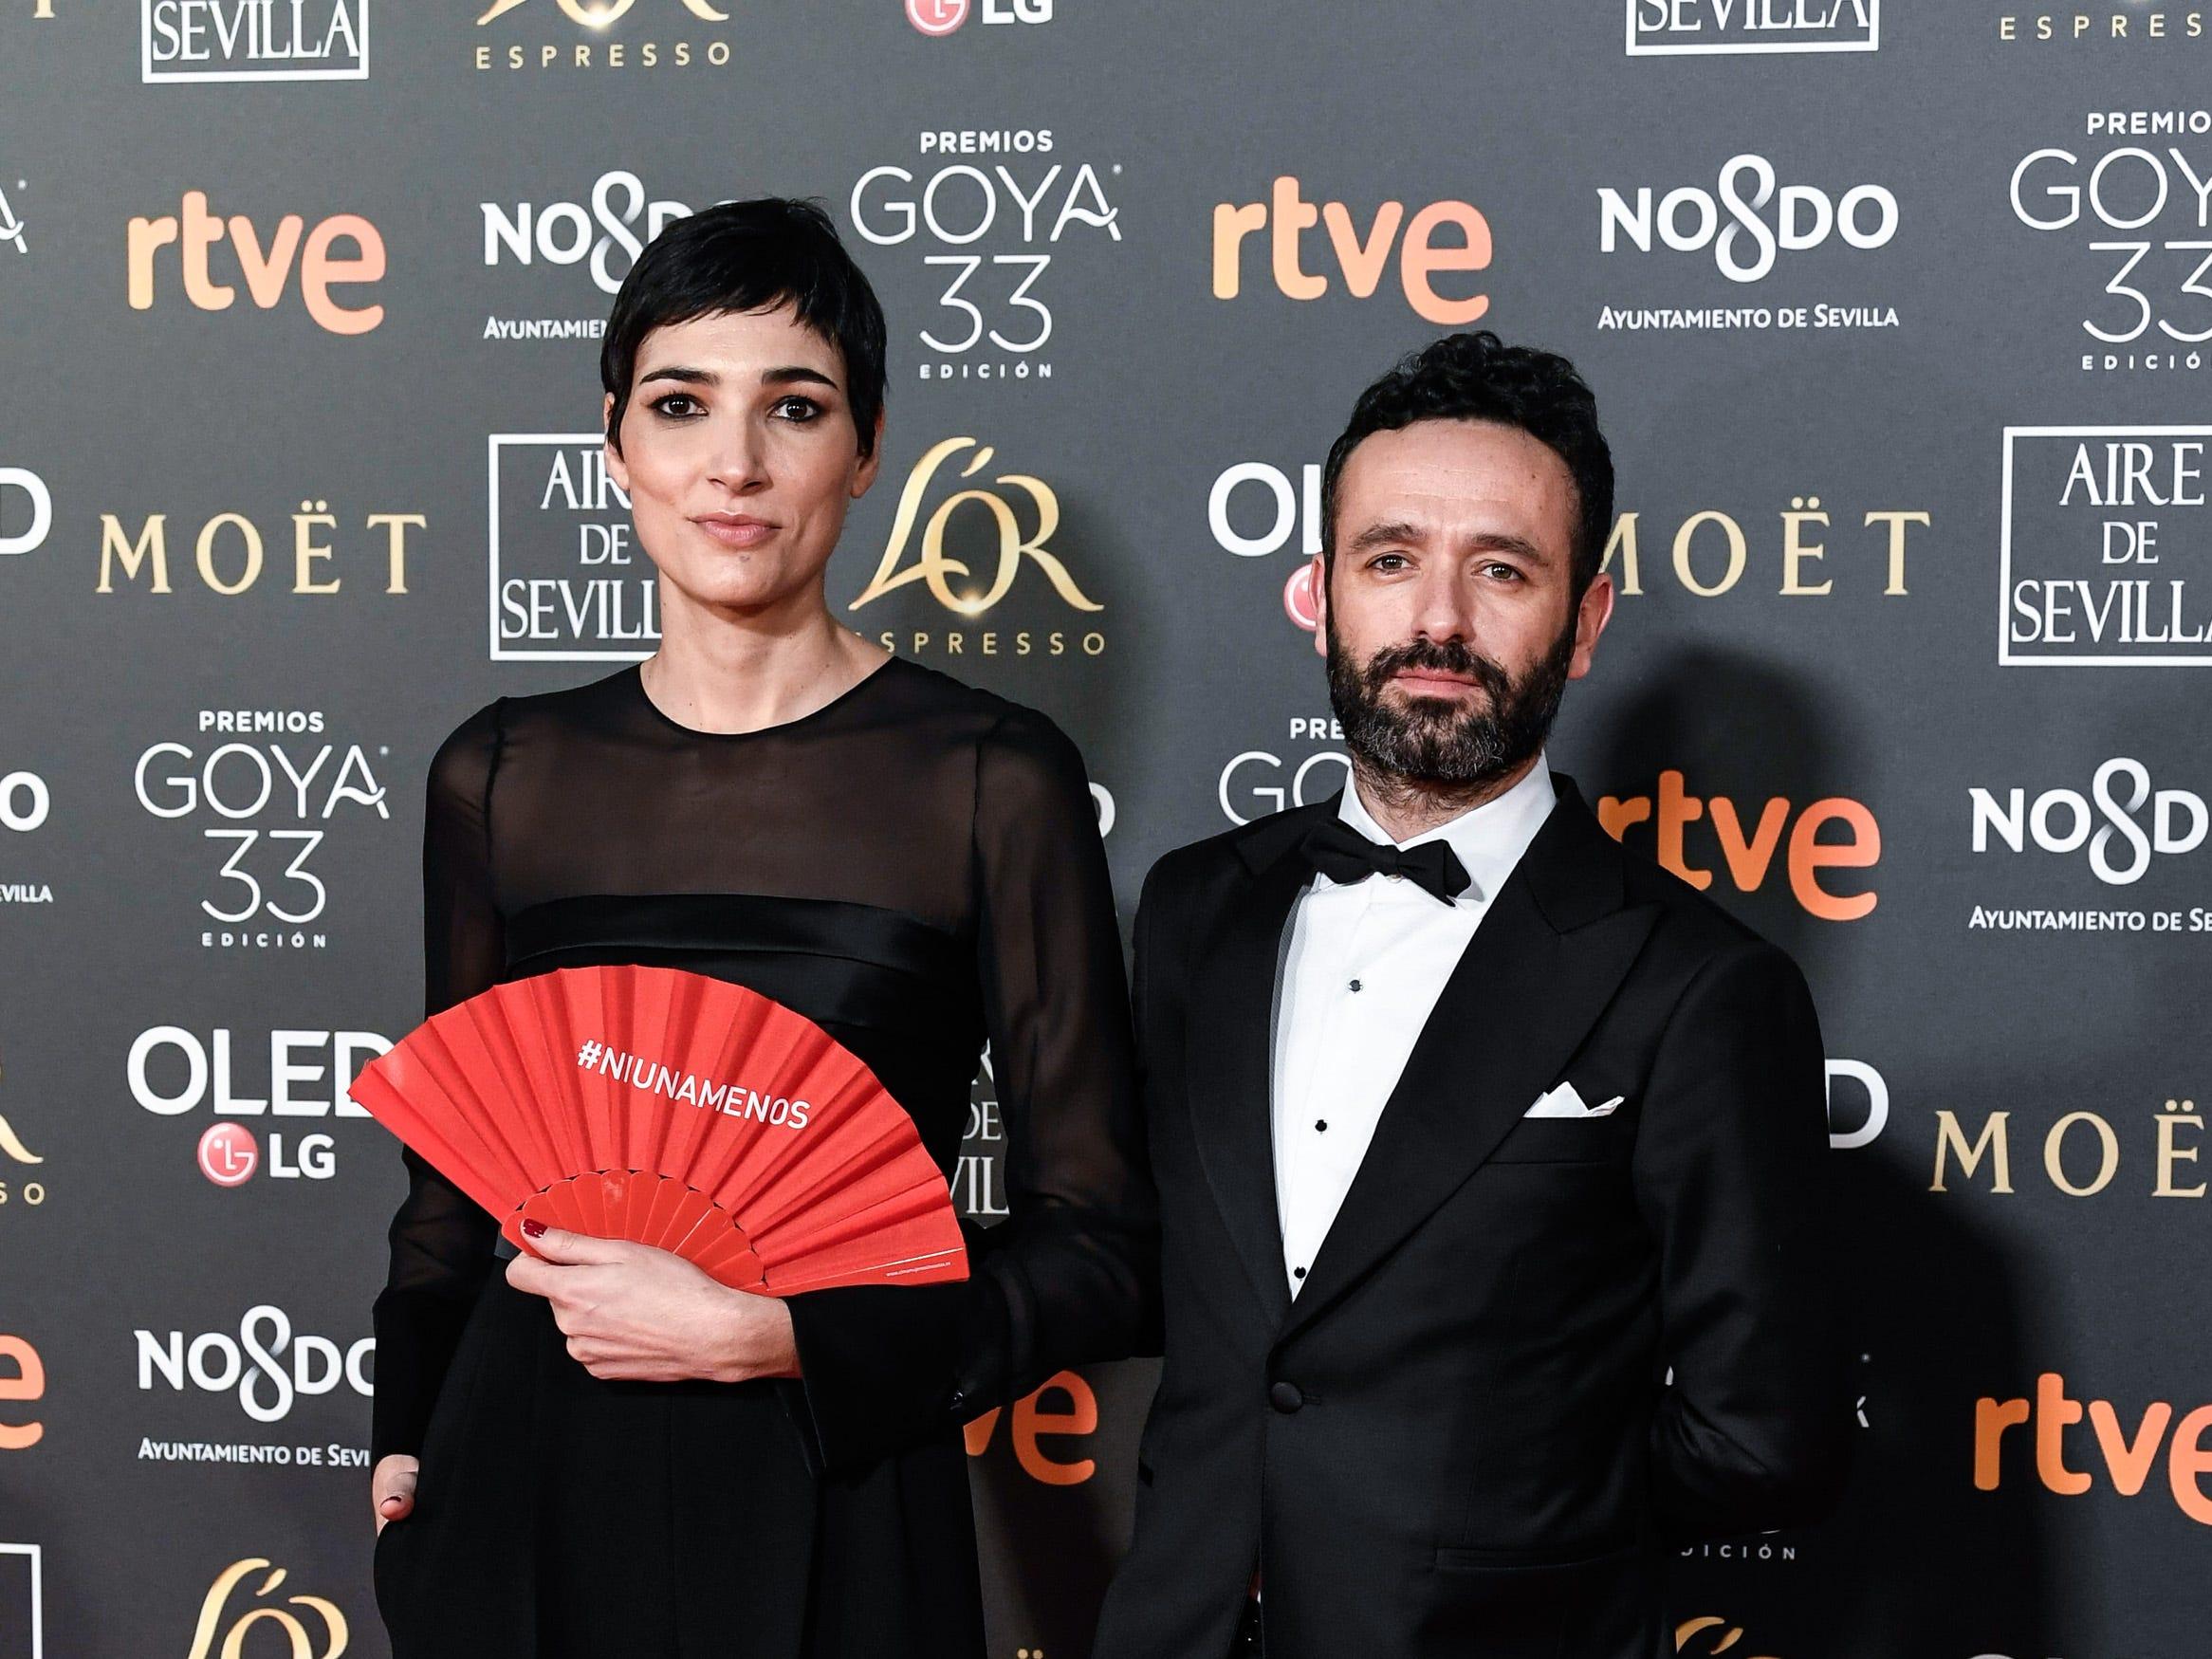 Isabel Peña (der) y su acompañante  asisten a la 33ª edición de los Premios de Cine Goya en el Palacio de Congresos y Exposiciones FIBES el 2 de febrero de 2019 en Sevilla, España.